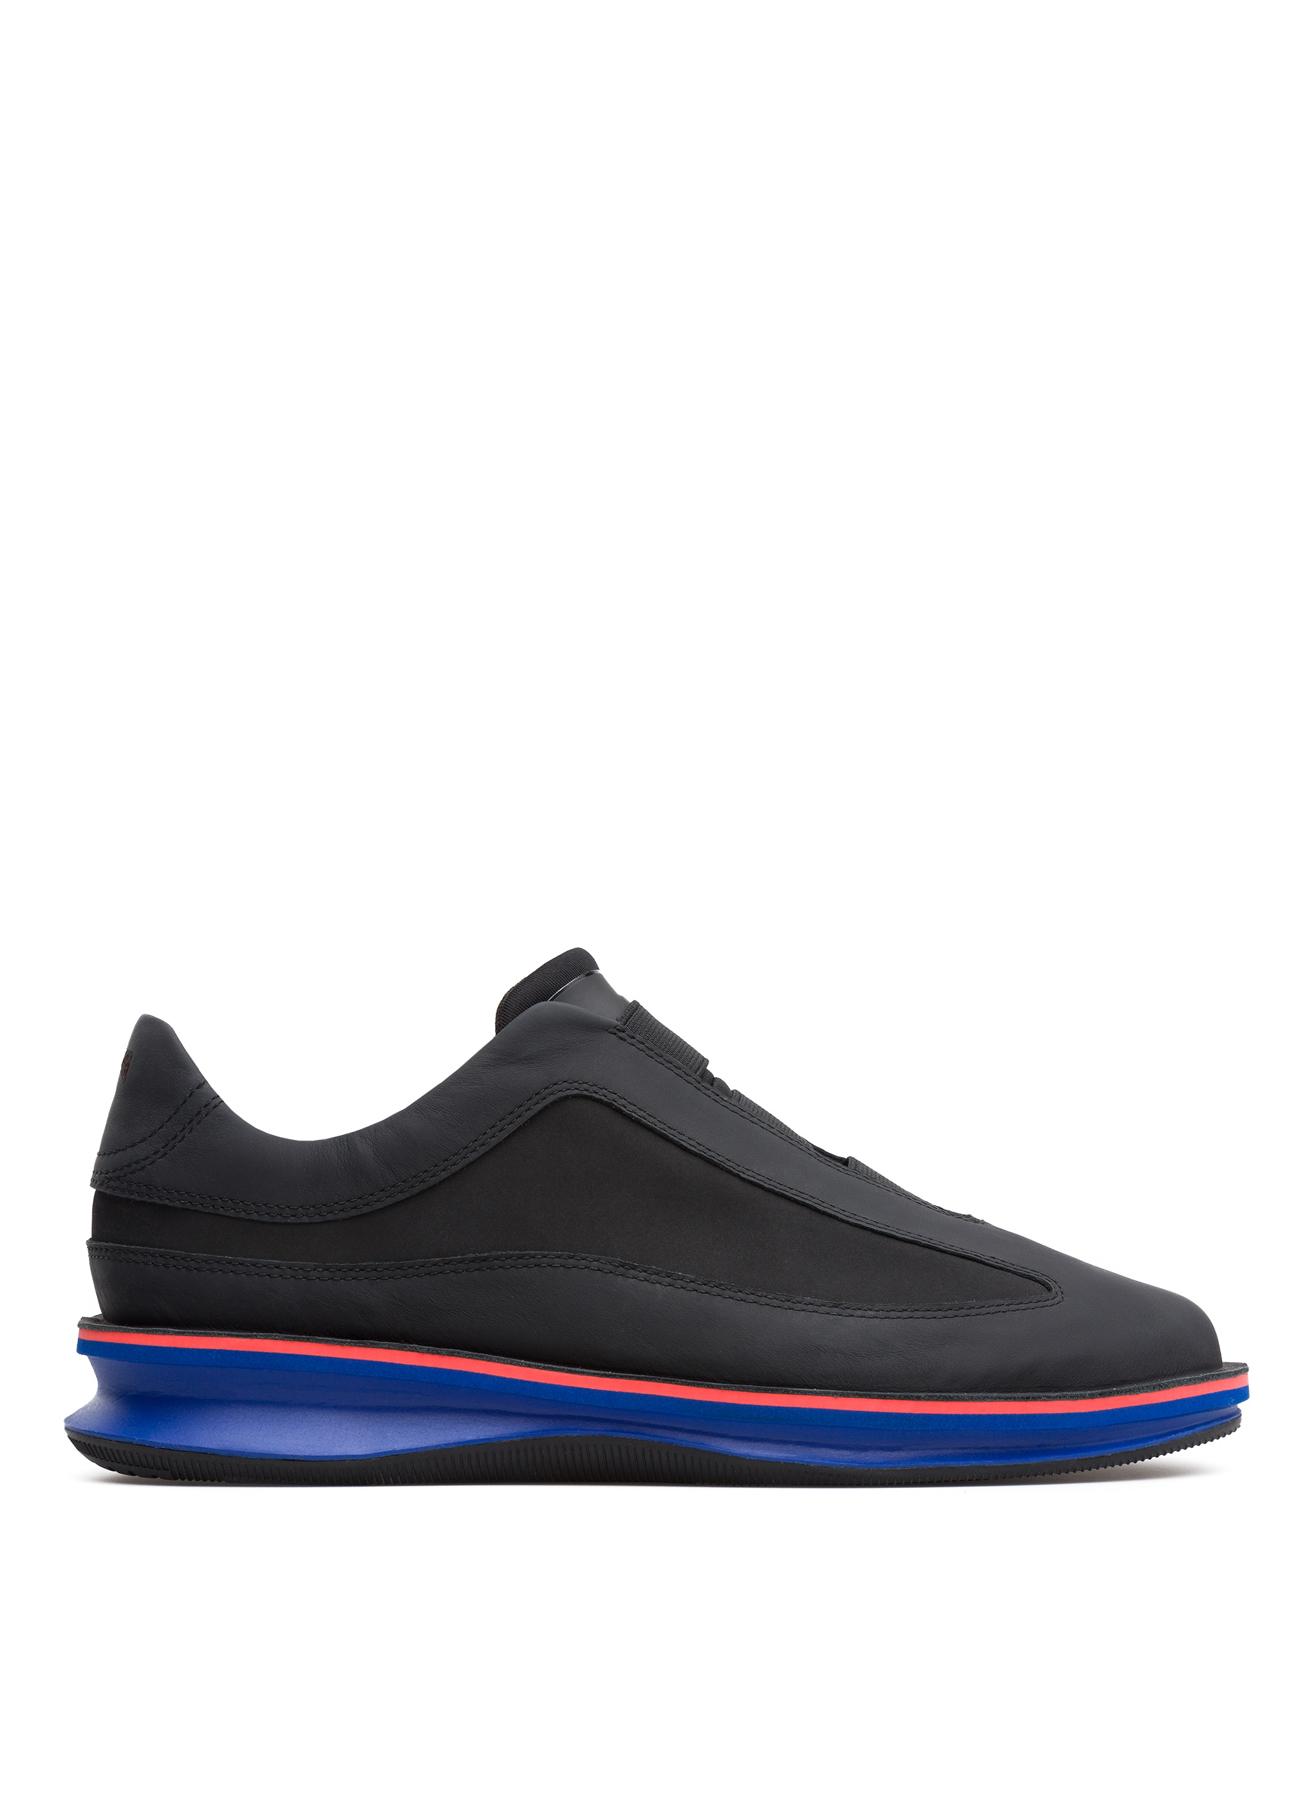 Camper Klasik Ayakkabı 44 5001922561005 Ürün Resmi